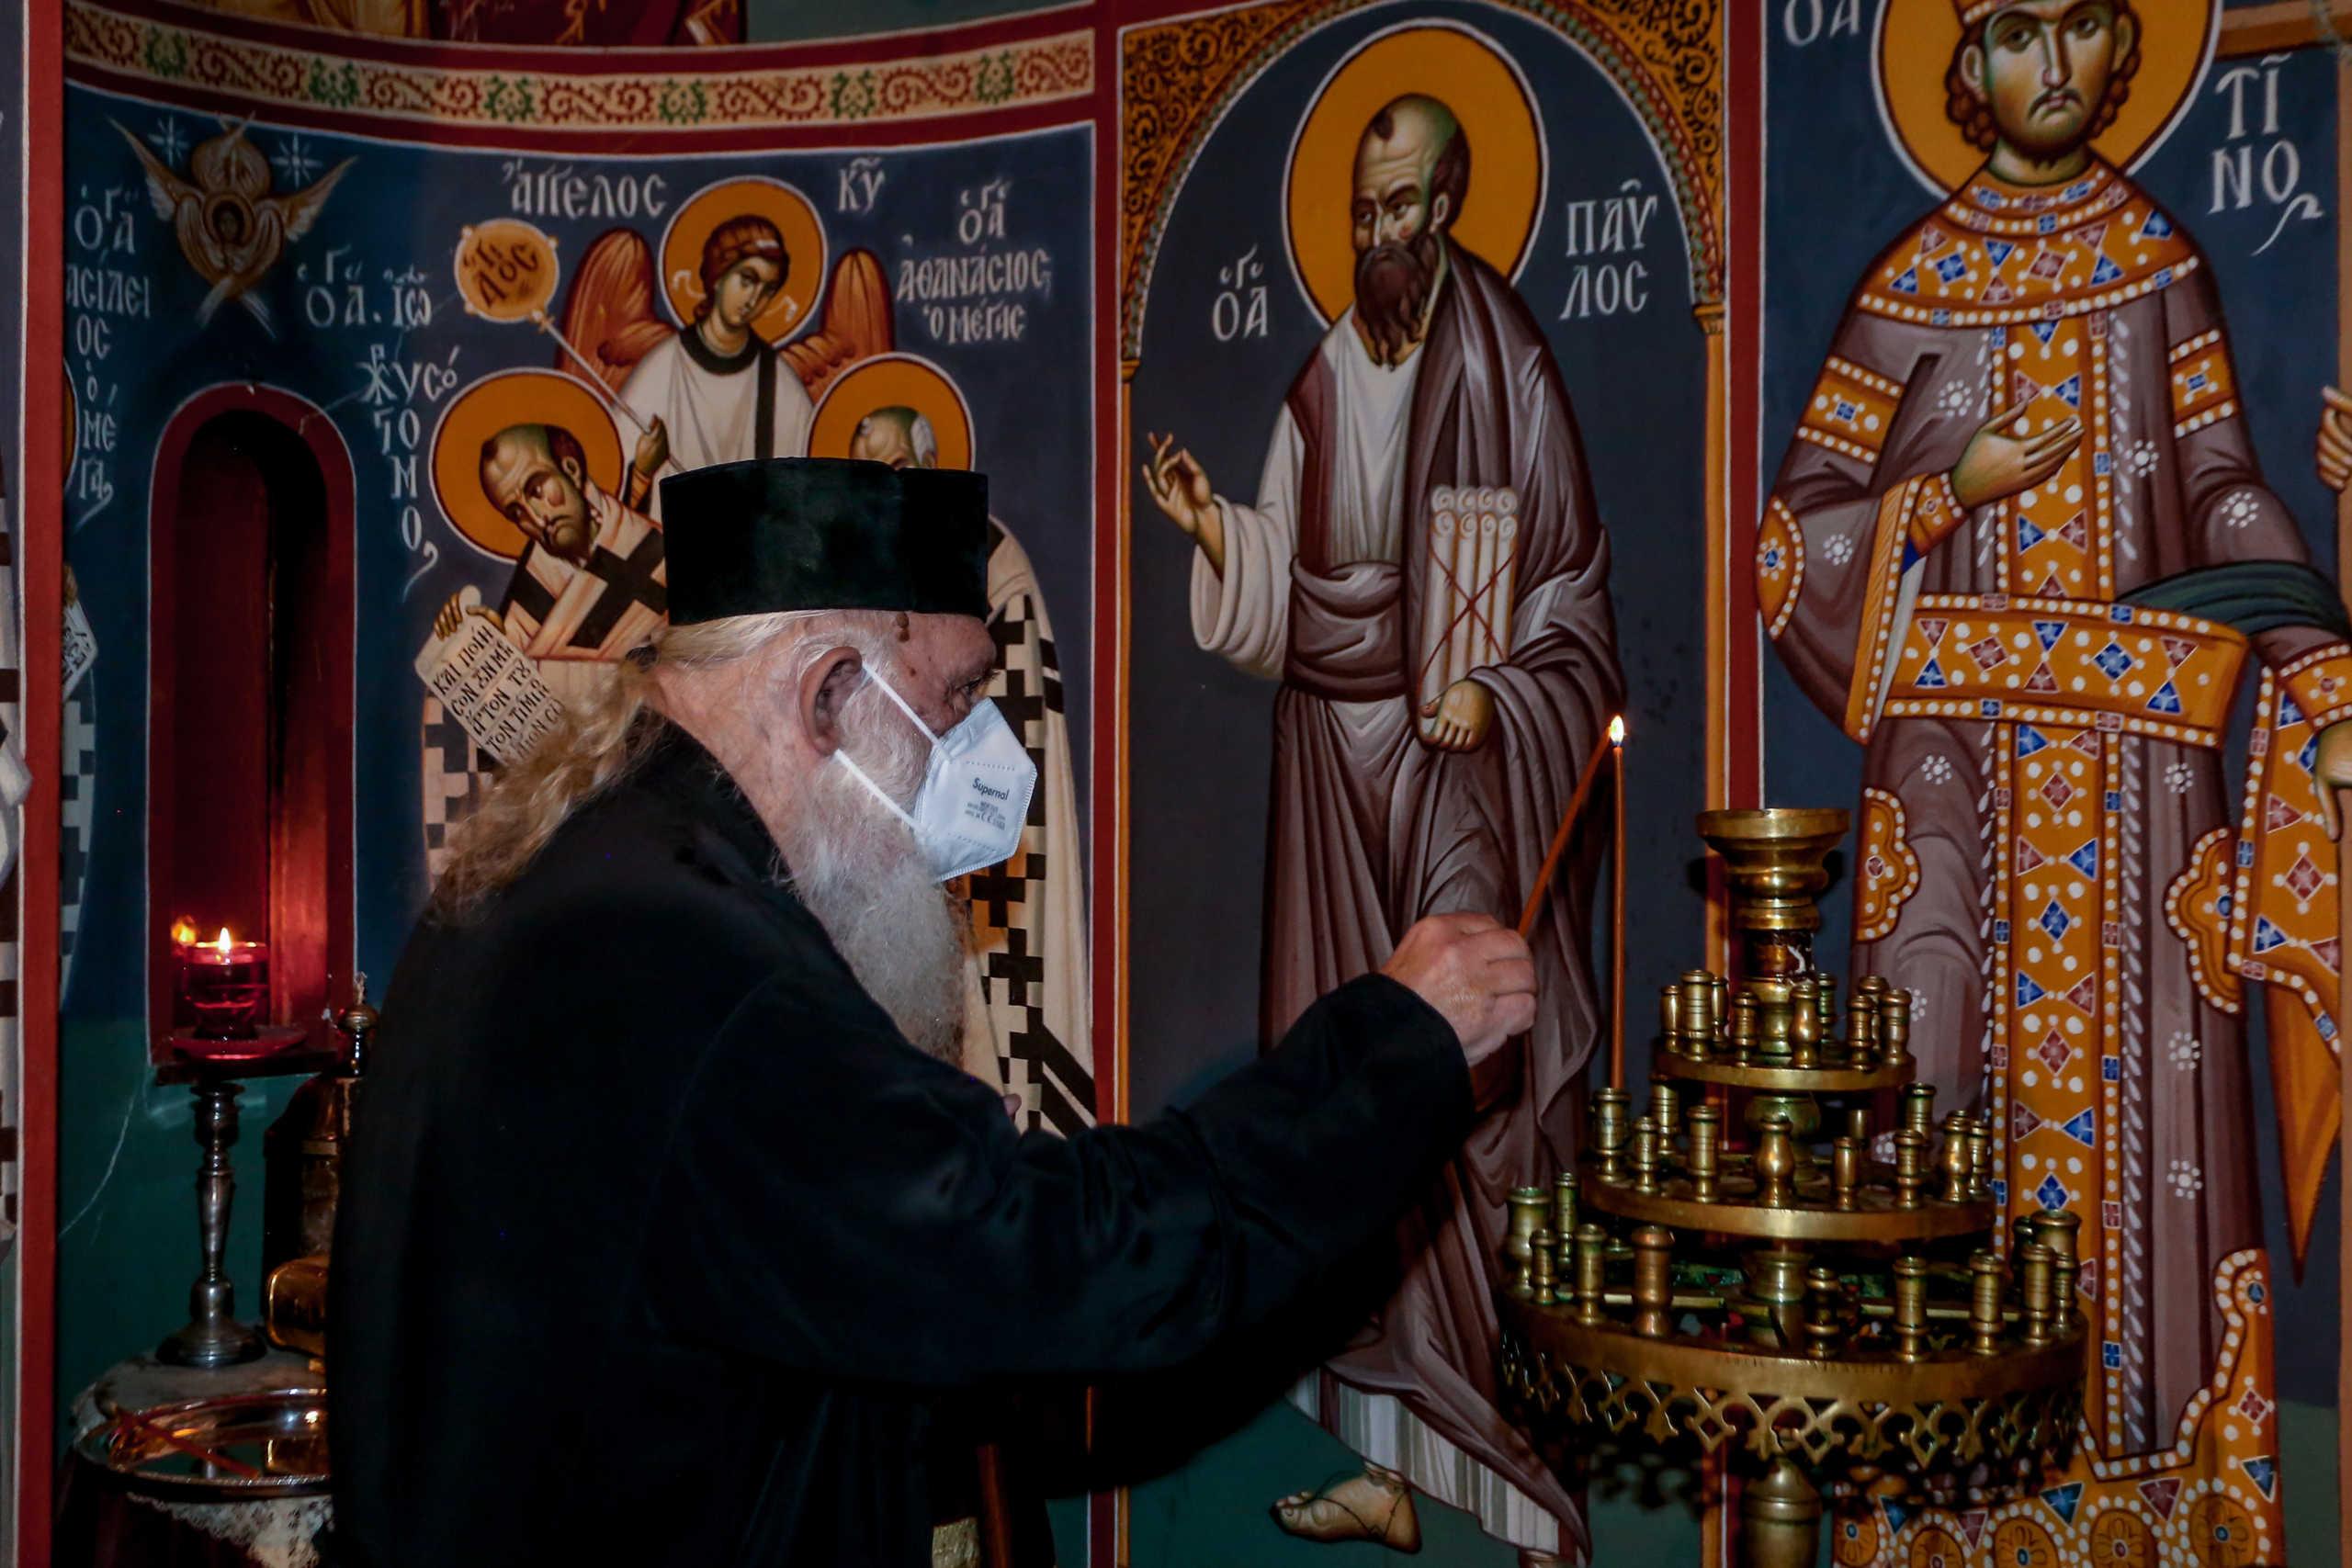 Δικηγόροι στο ΣτΕ για να αρθούν τα απαγορευτικά μέτρα στις εκκλησίες